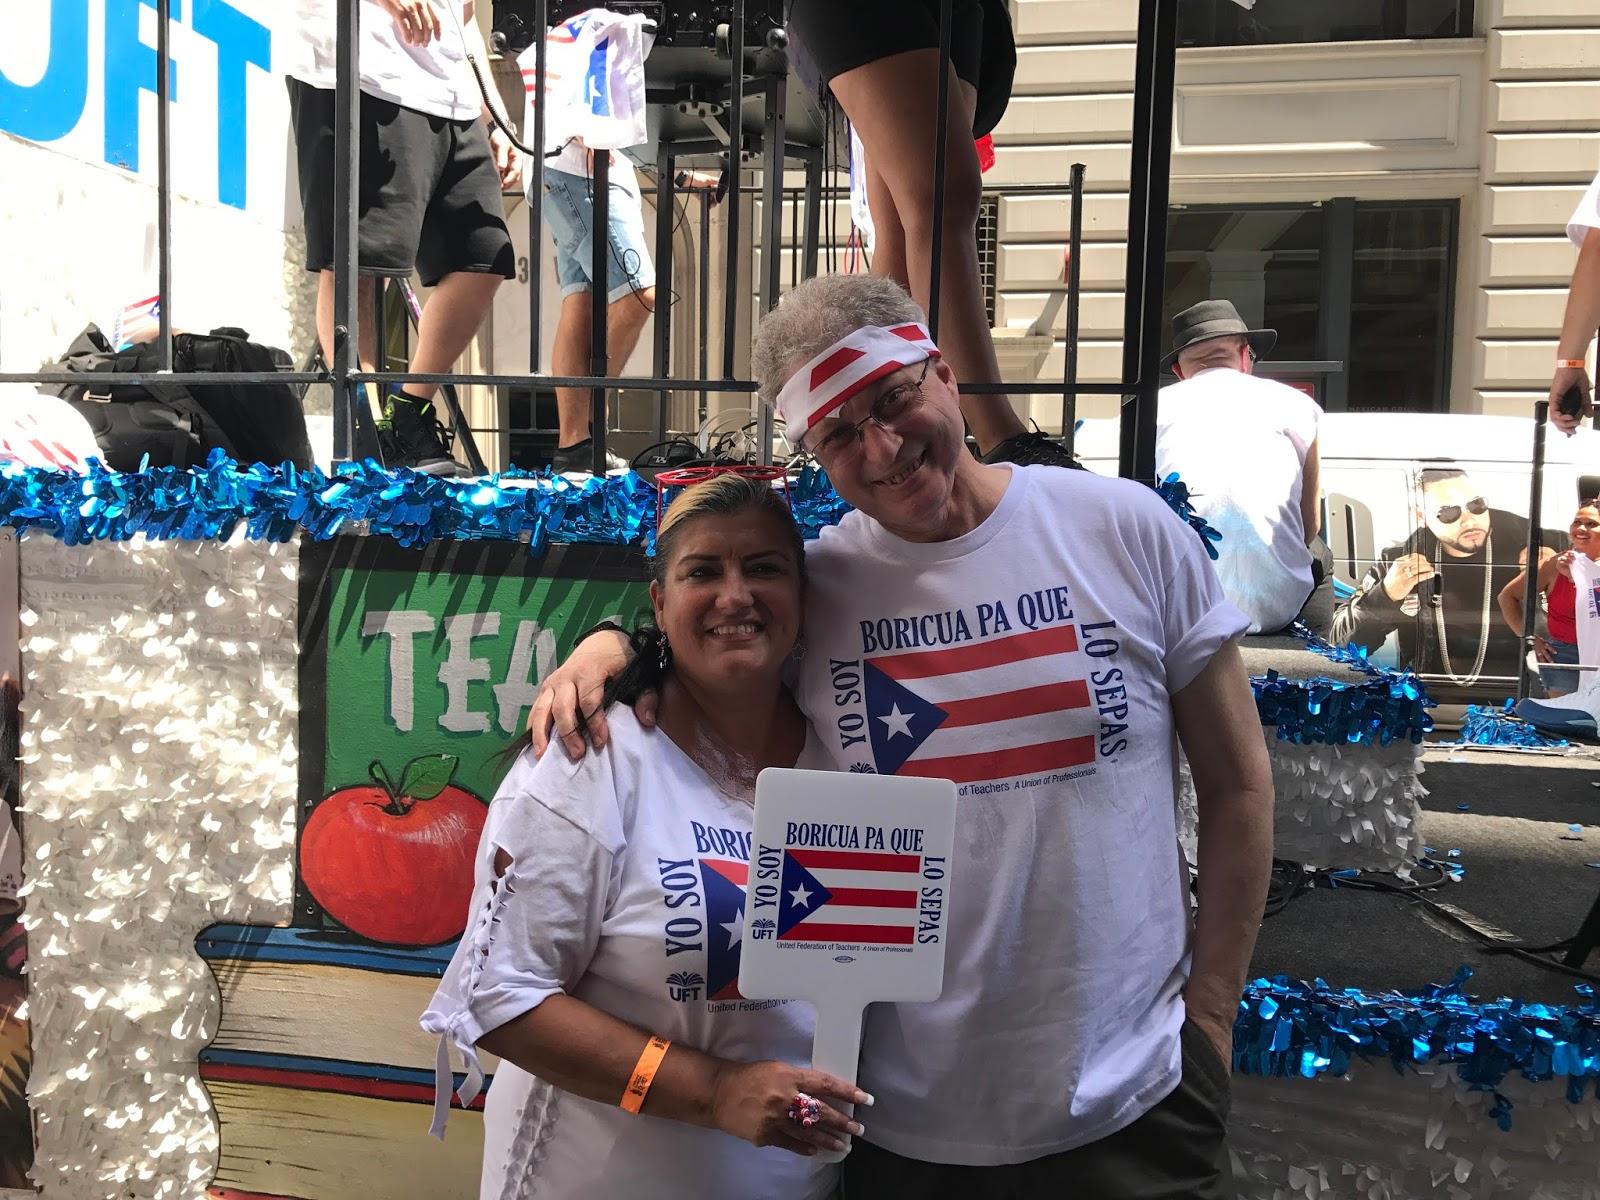 Nyc Educator Uft At Puerto Rican Day Parade